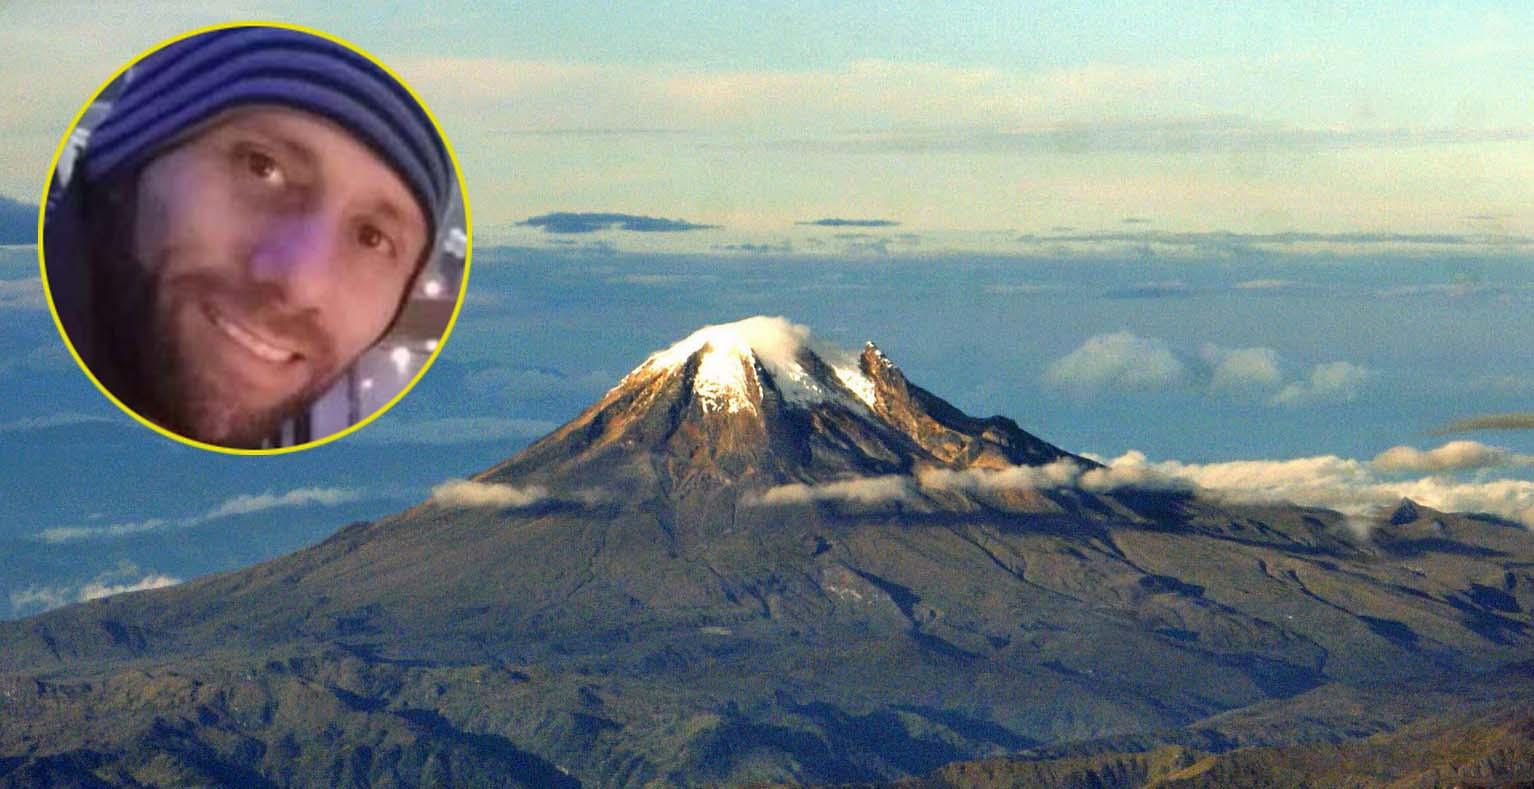 Encontraron al periodista bogotano 'que se había perdido' en el Nevado del Tolima